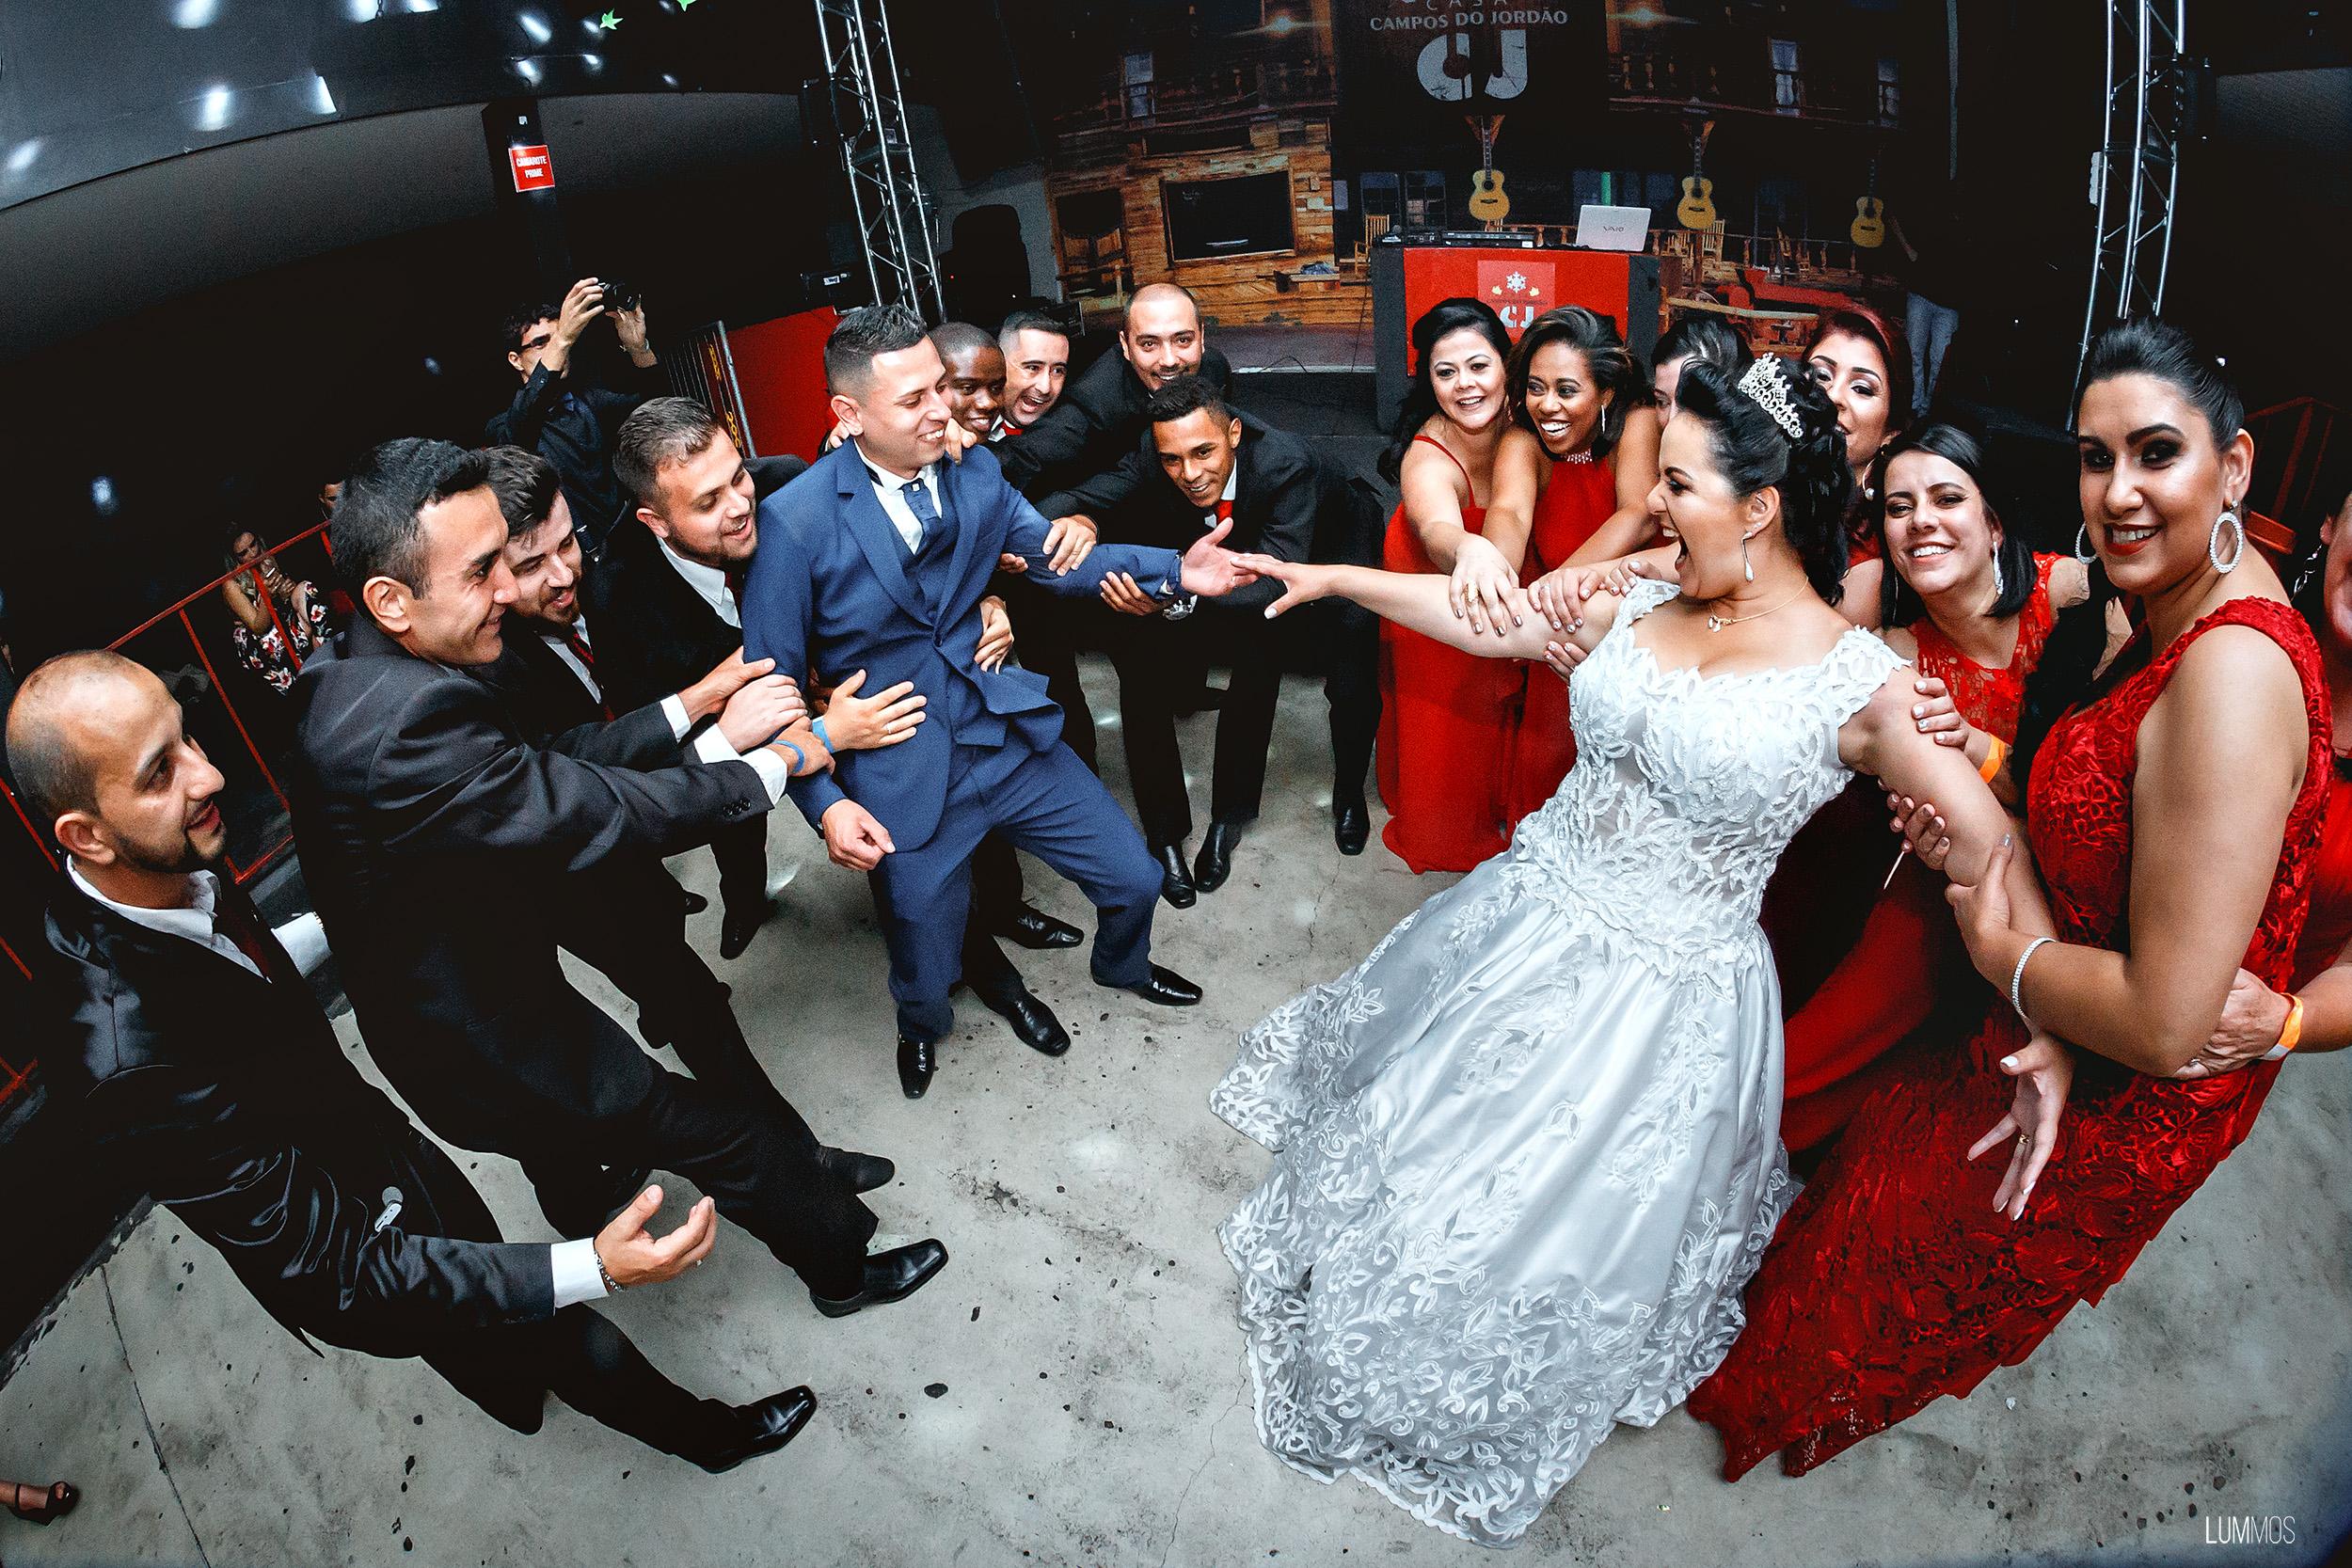 Festa de casamento na casa cj